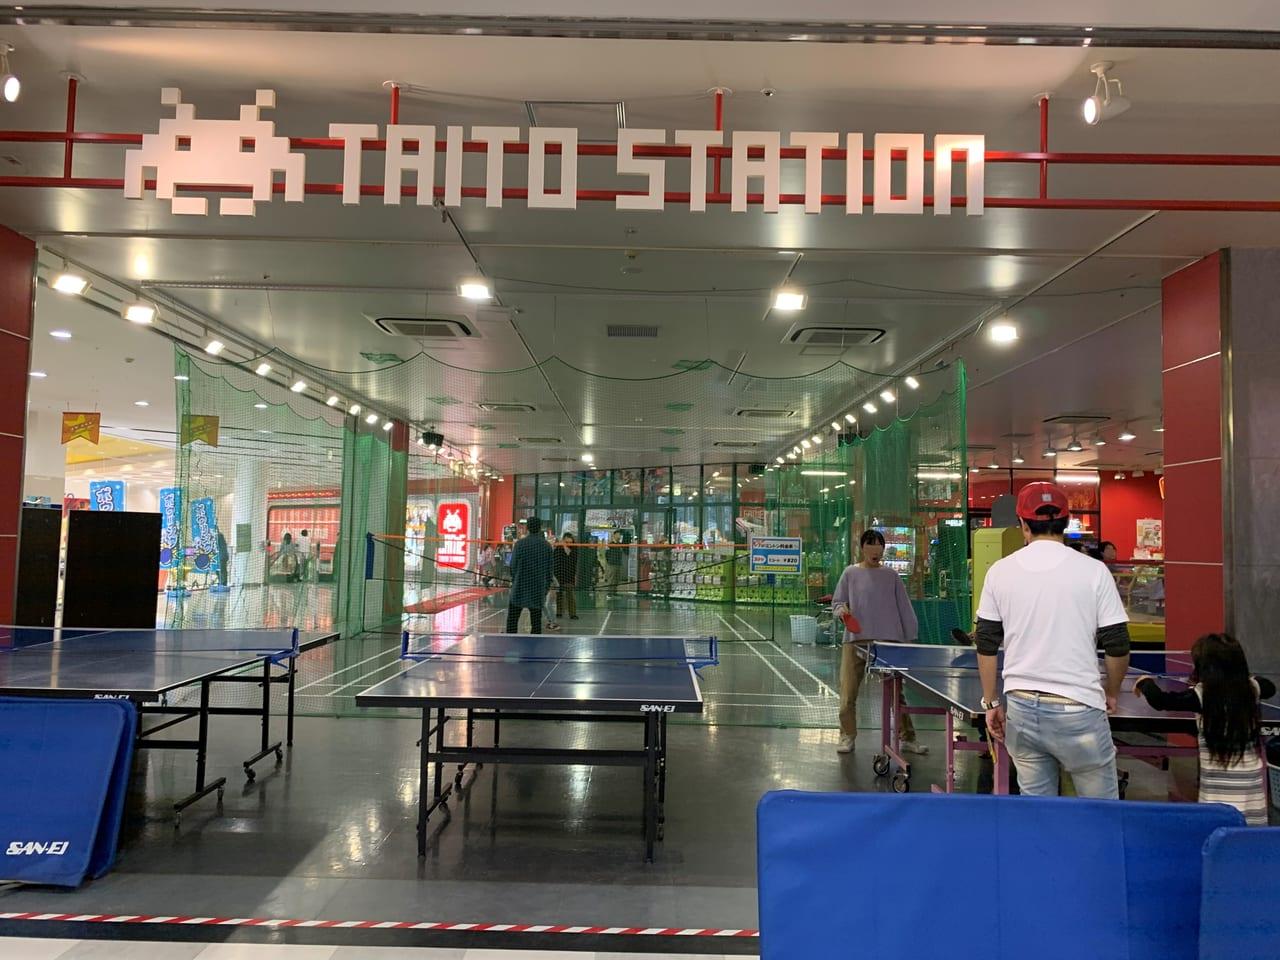 タイトーステーション卓球台